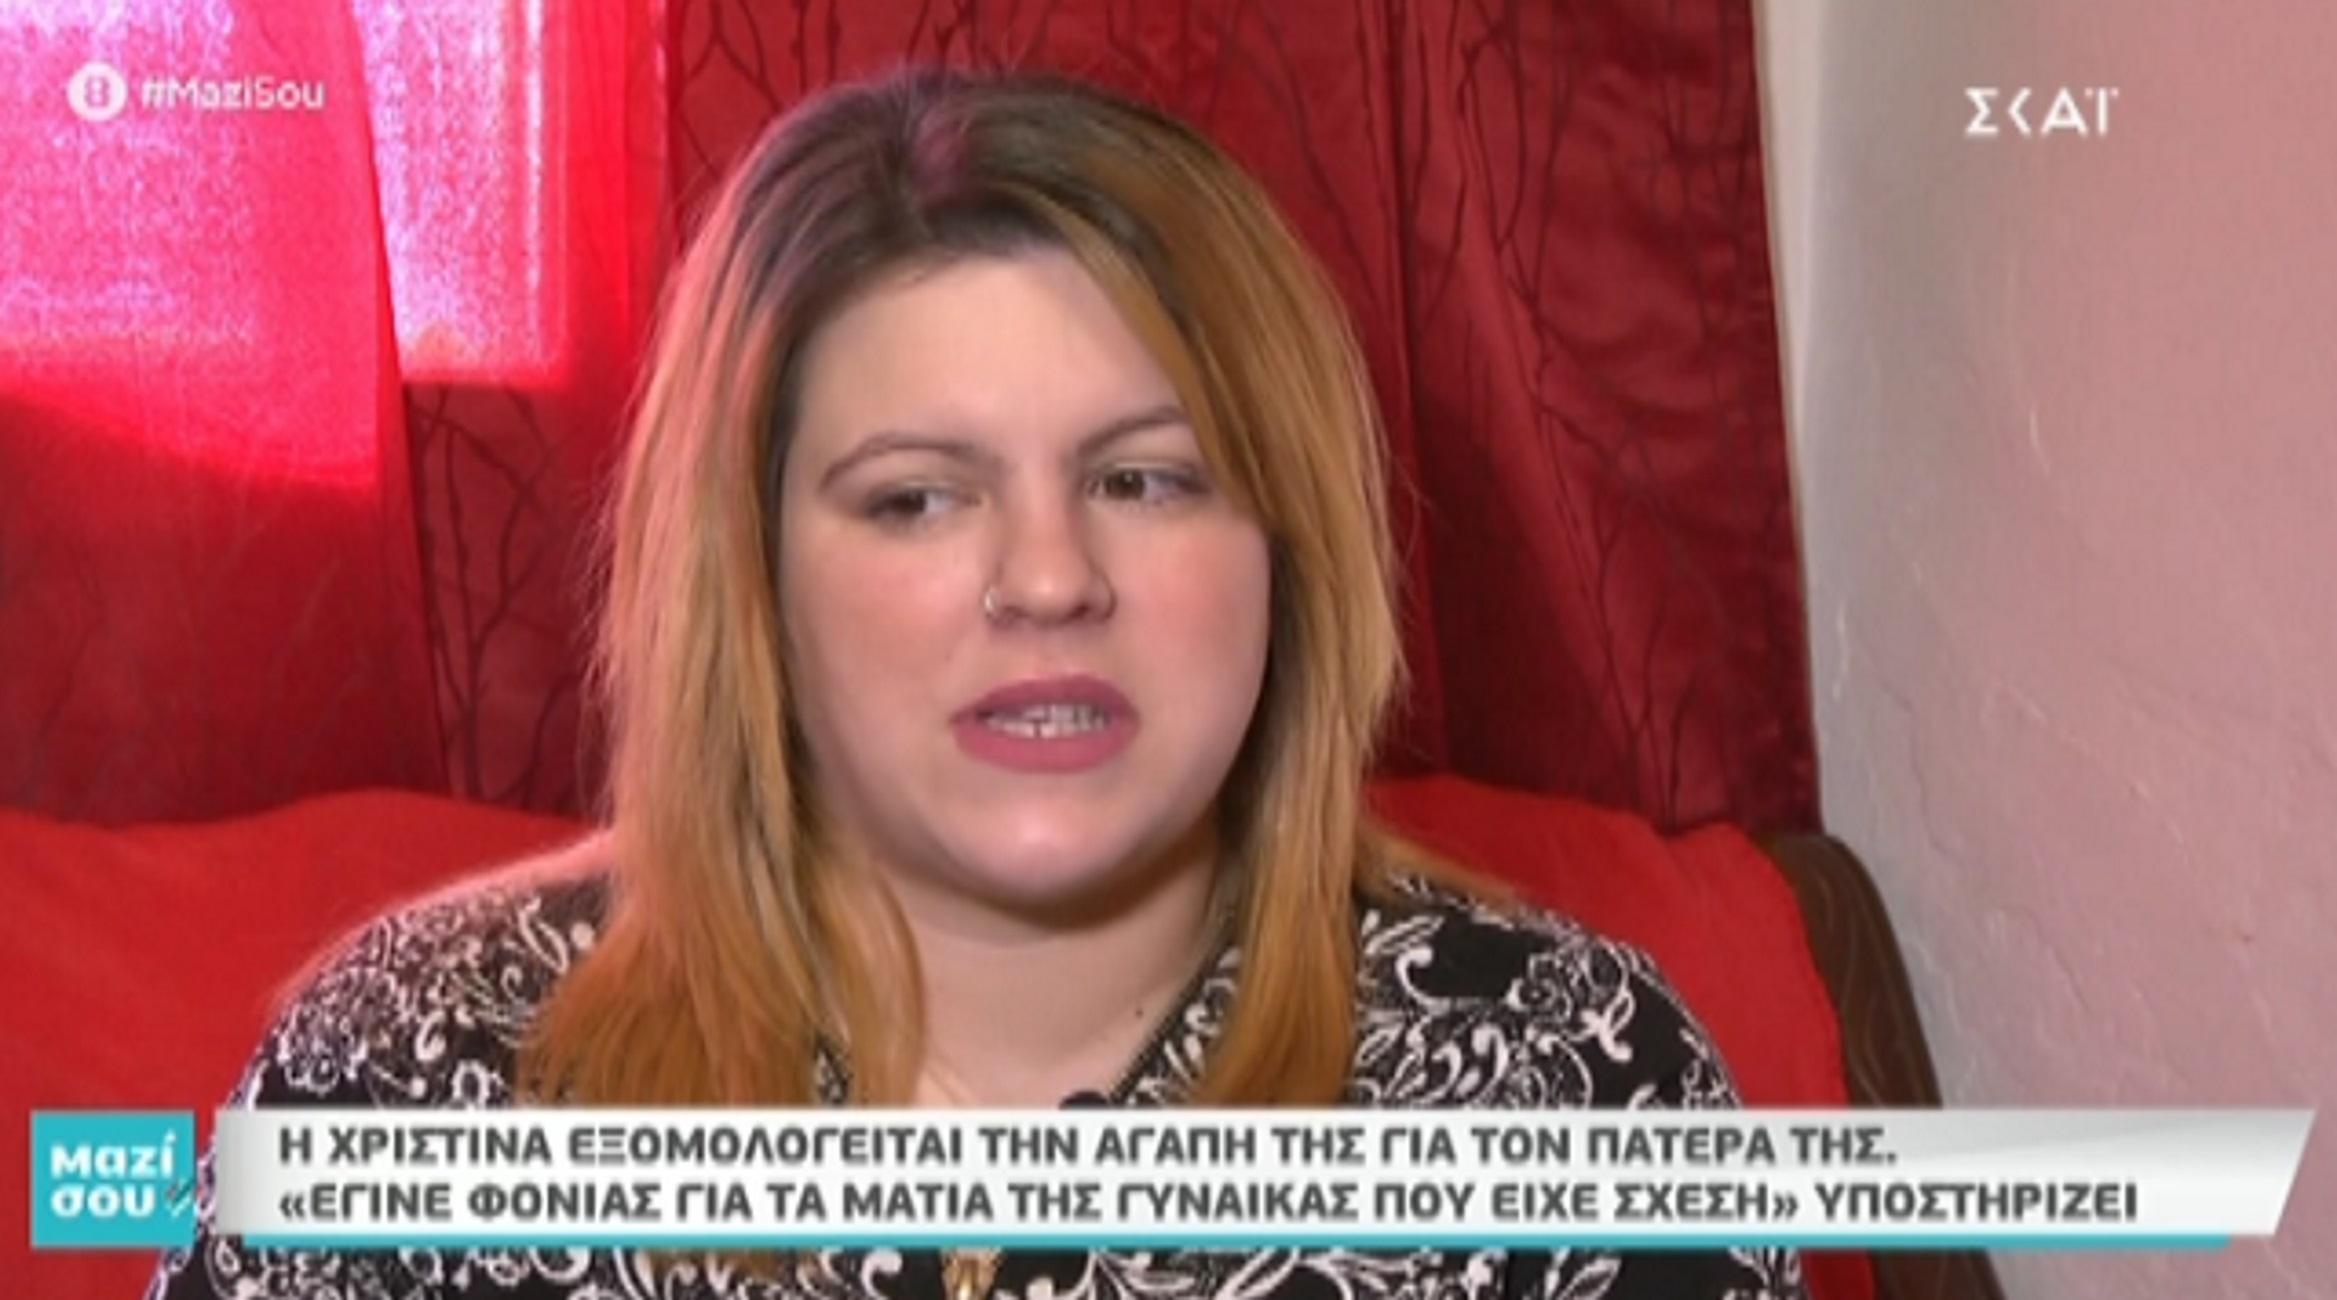 Πήλιο: Λύνουν τη σιωπή τους για το έγκλημα πάθους! Τους έπιασε σε αποθήκη και σκότωσε τον εραστή της (Βίντεο)